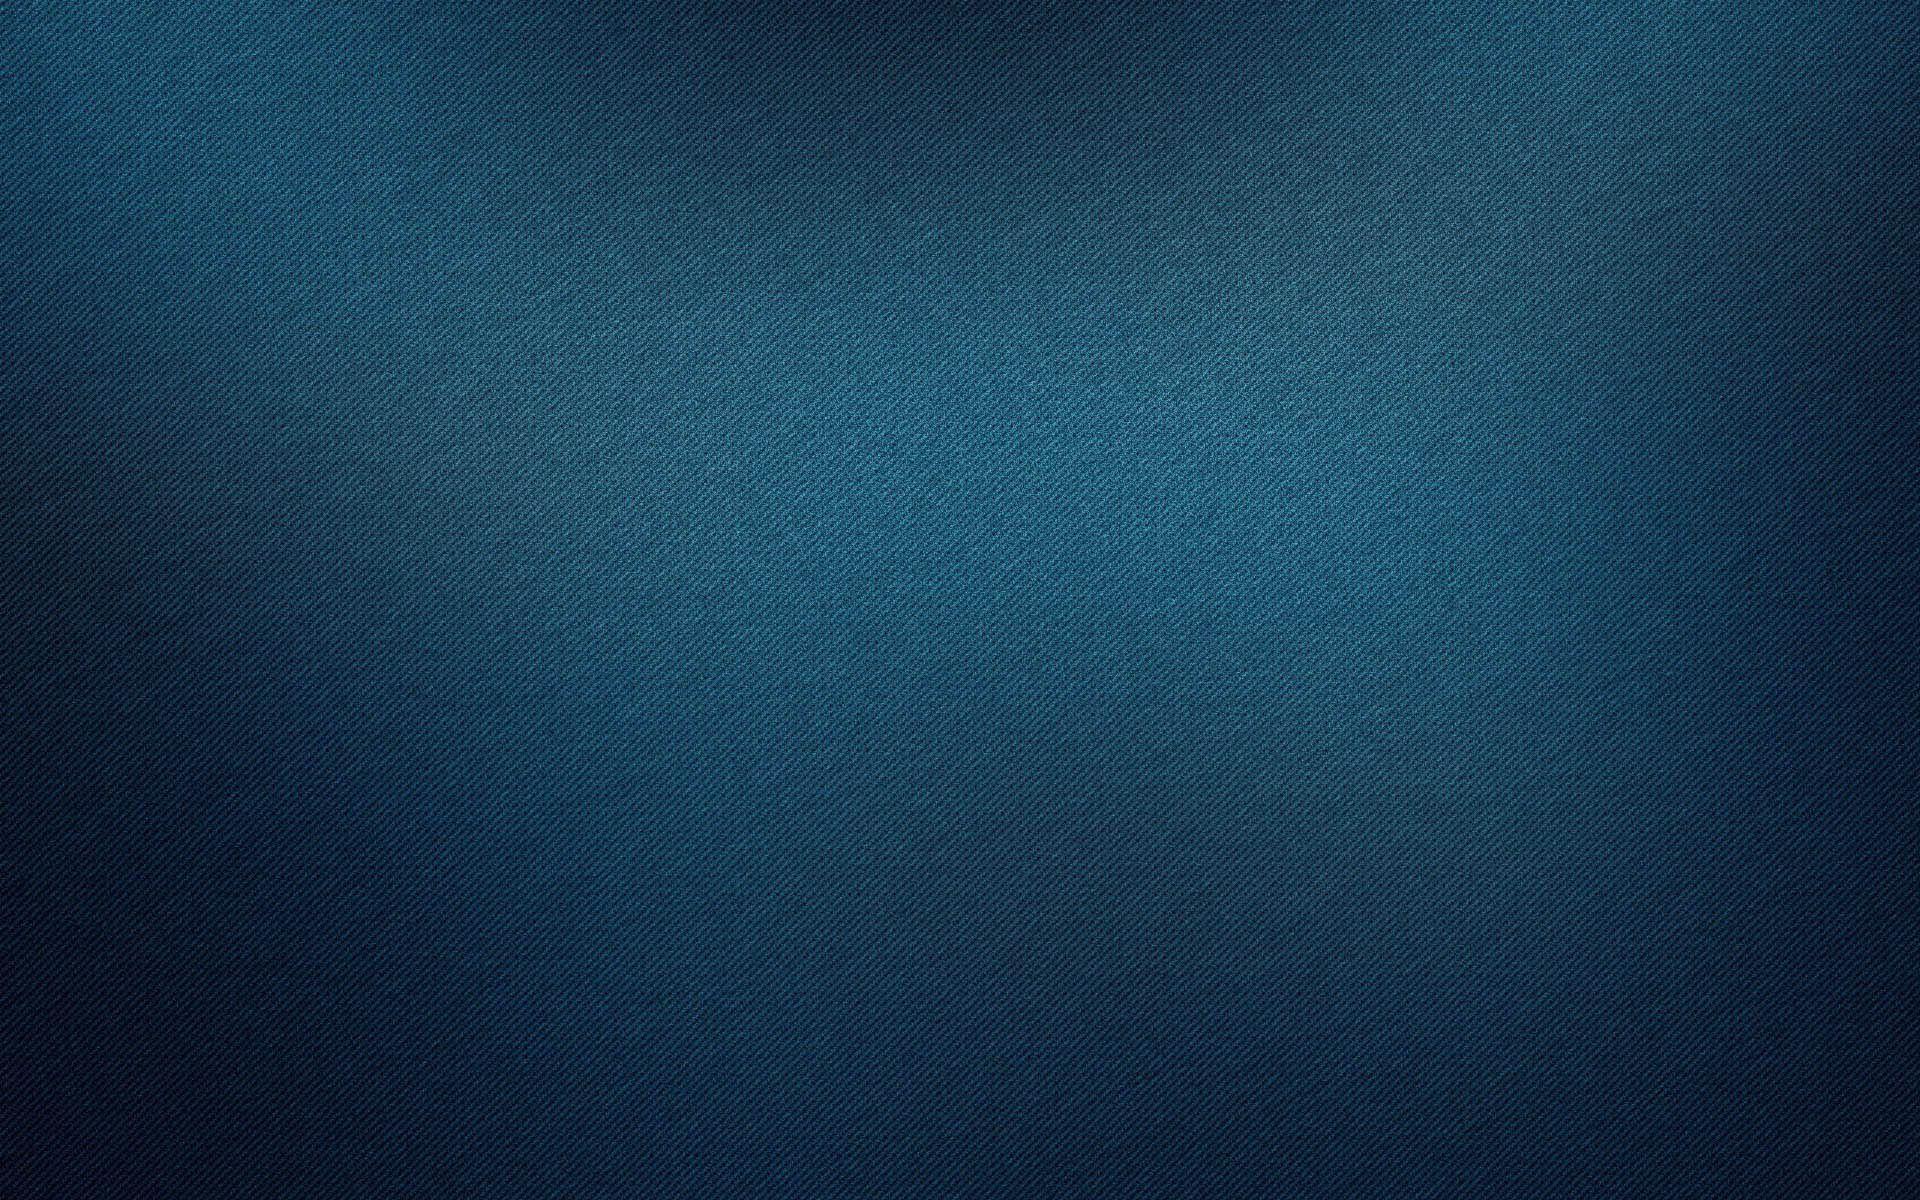 81259 скачать обои Текстуры, Фон, Темный, Поверхность, Тень - заставки и картинки бесплатно